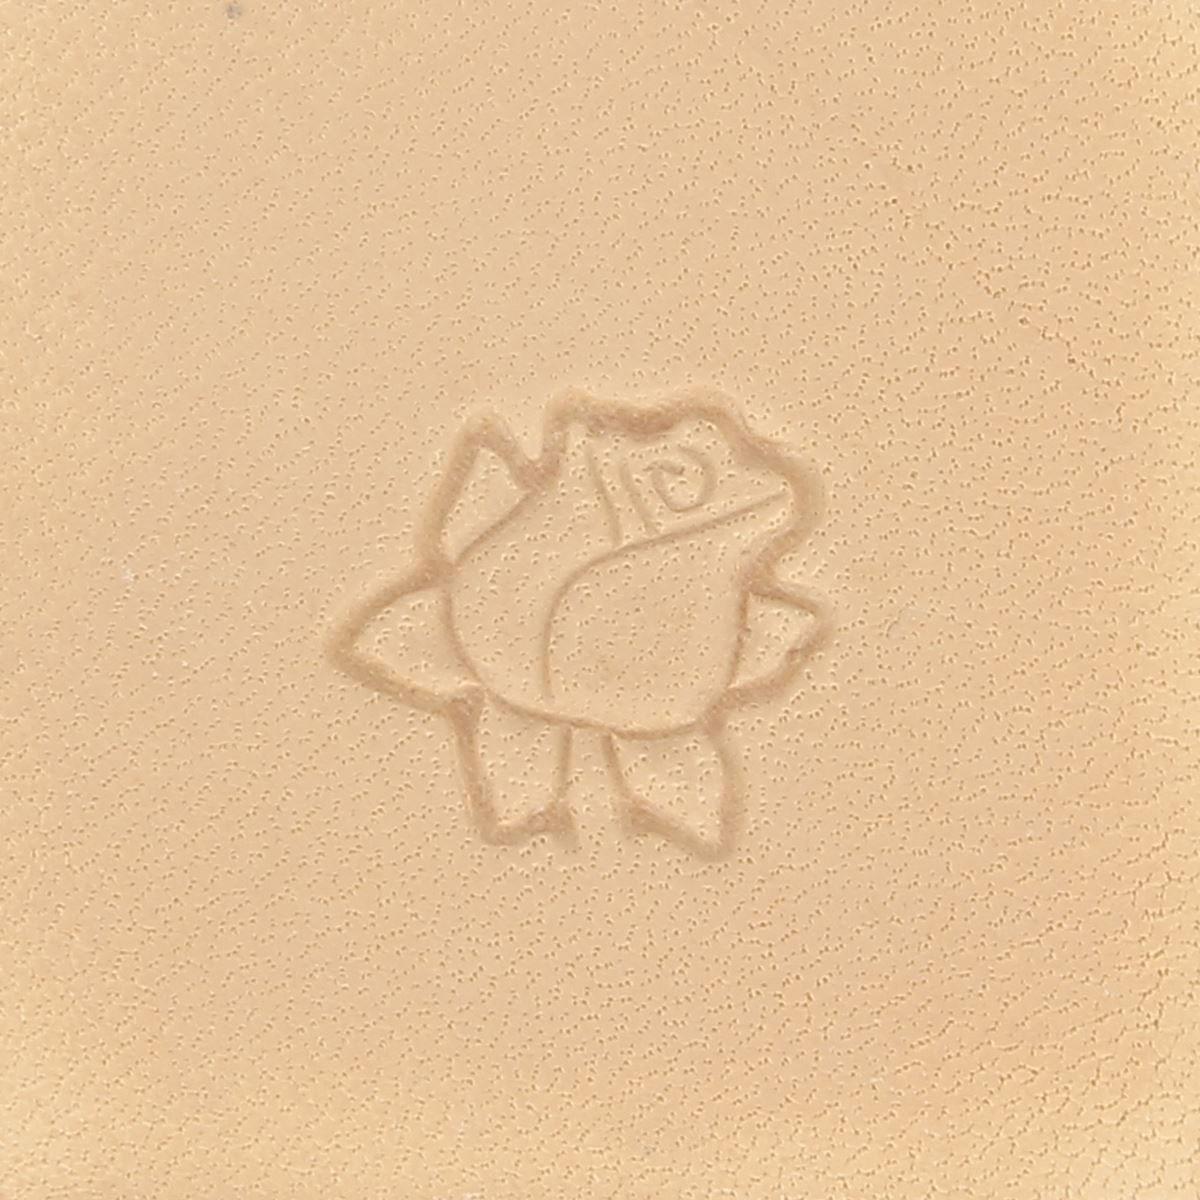 Matoir sur manche TANDY LEATHER - Rose - 6964 - W964